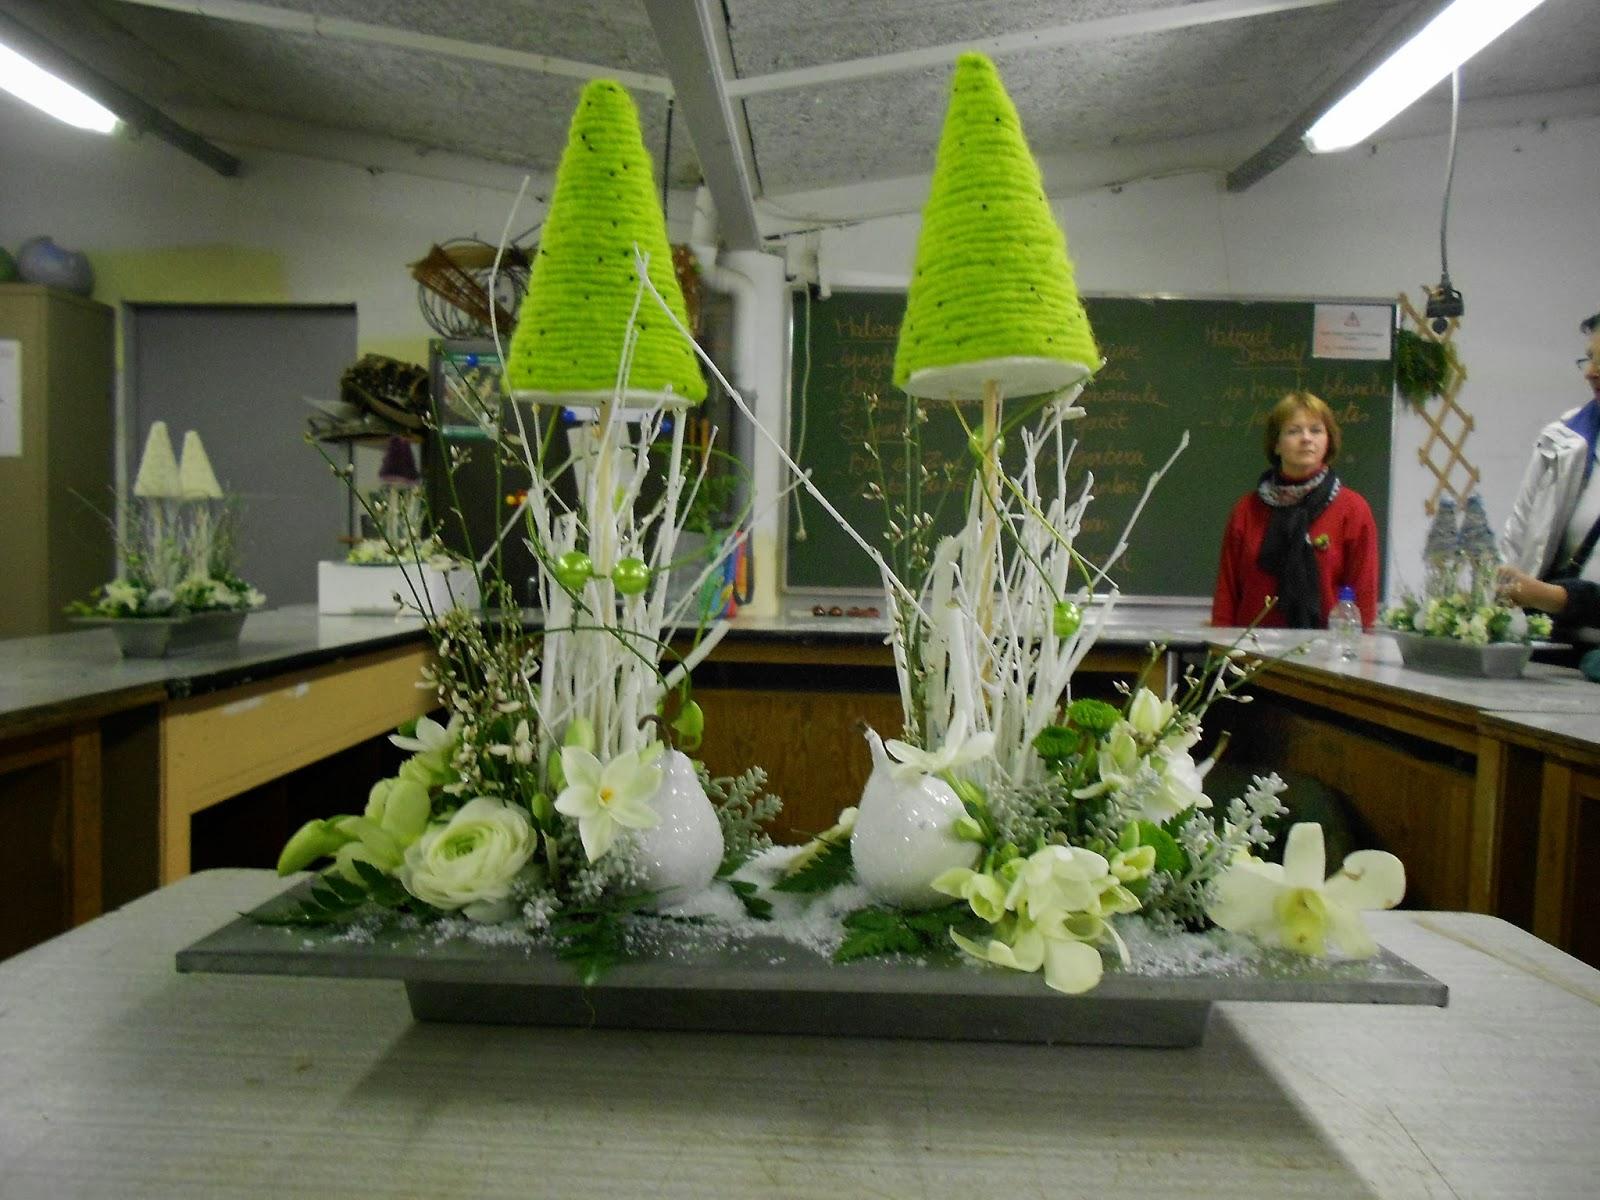 Art floral ipepsho tournai cours du 12 d cembre 2013 - Grand verre a pied pour decoration ...